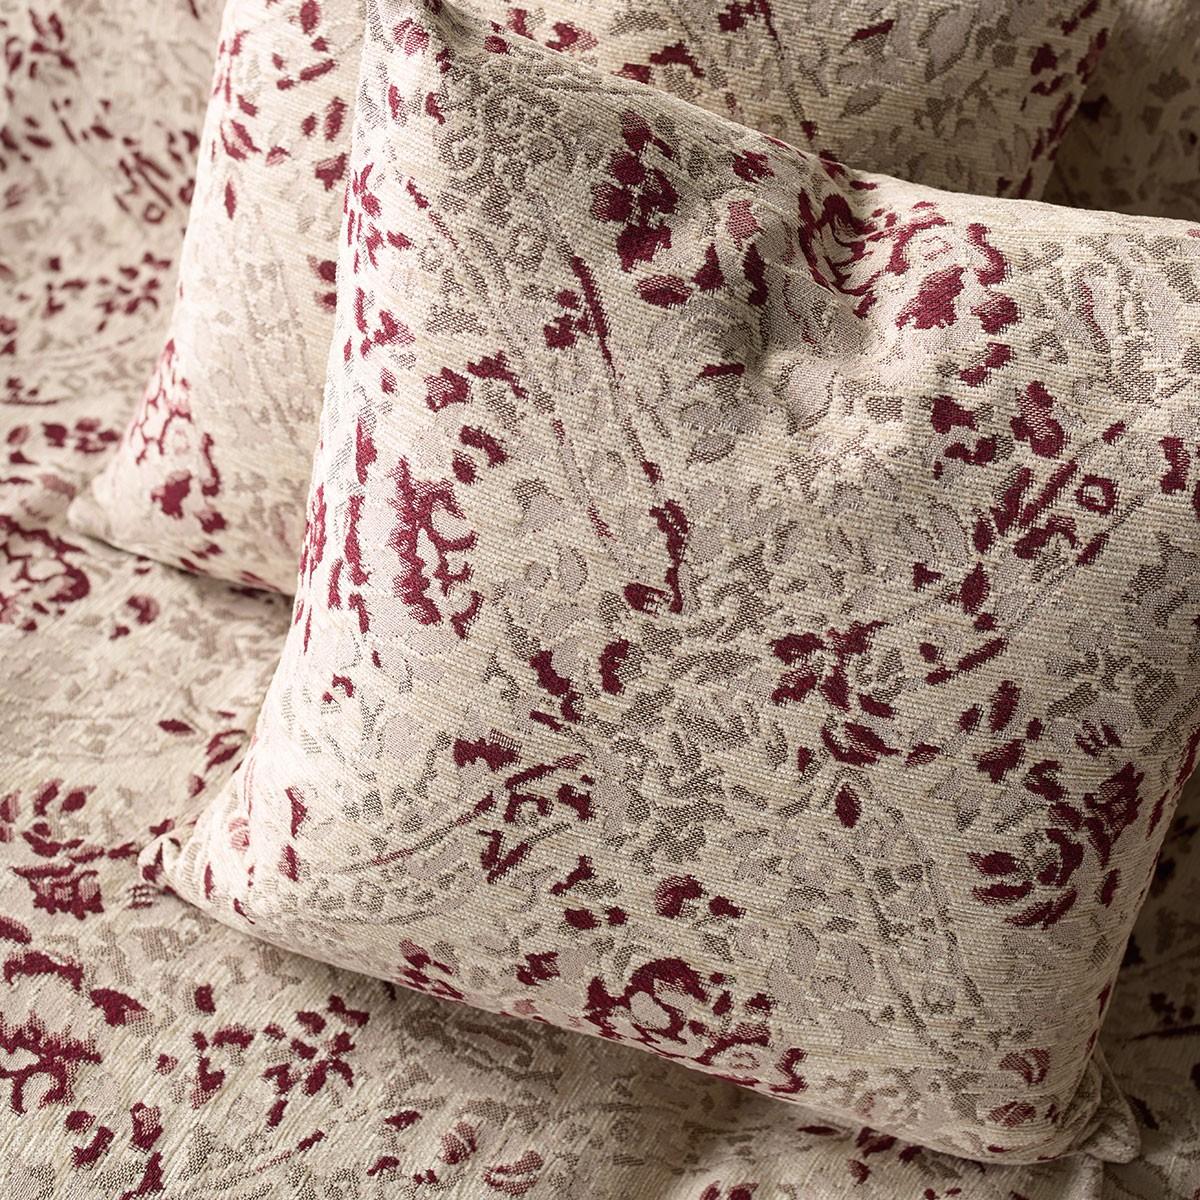 Διακοσμητική Μαξιλαροθήκη Gofis Home Casbah Bordeaux 326/02